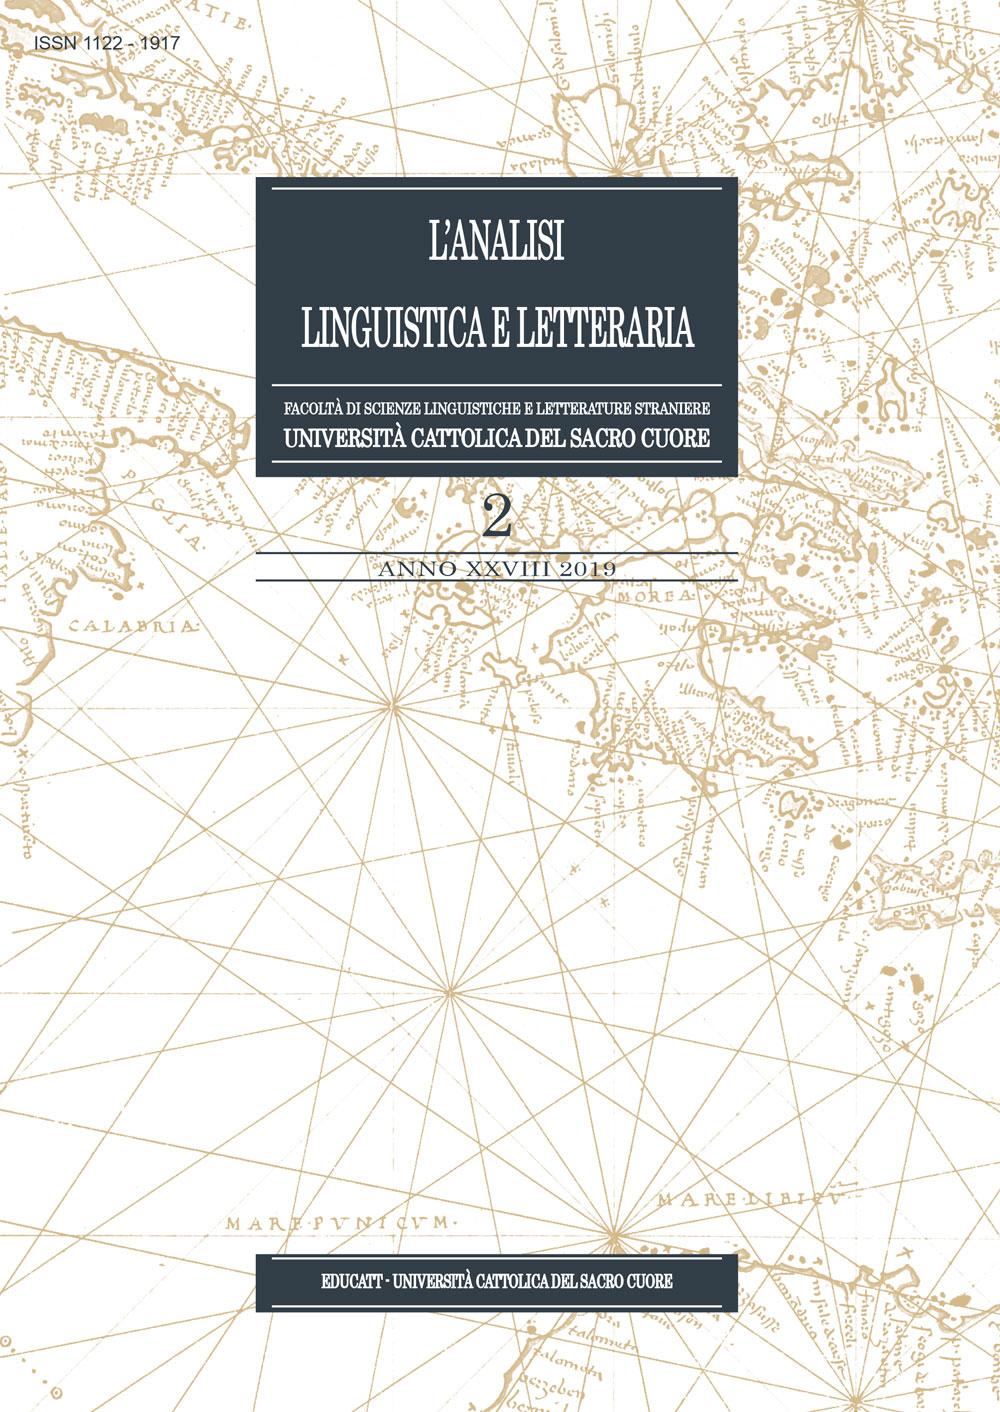 L'ANALISI LINGUISTICA E LETTERARIA 2019/2